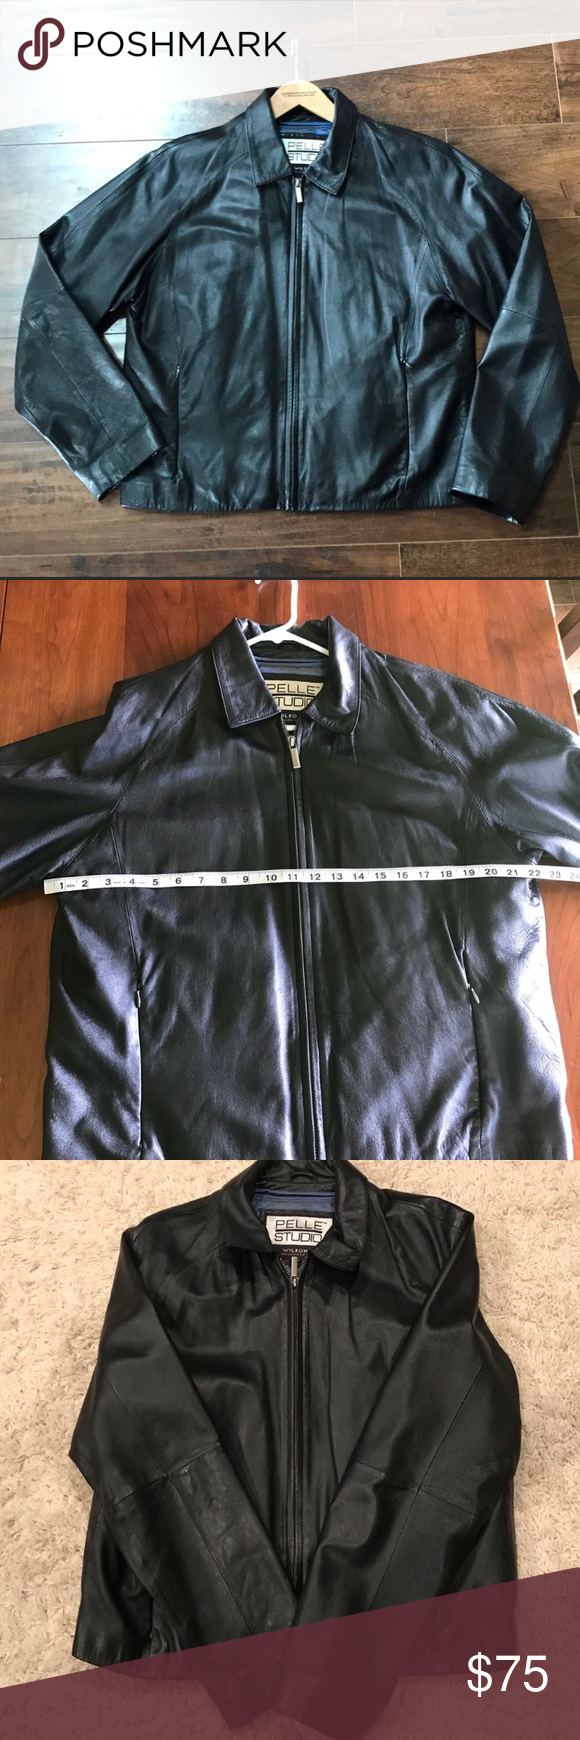 Wilsons leather jacket mens M pelle studio Wilsons